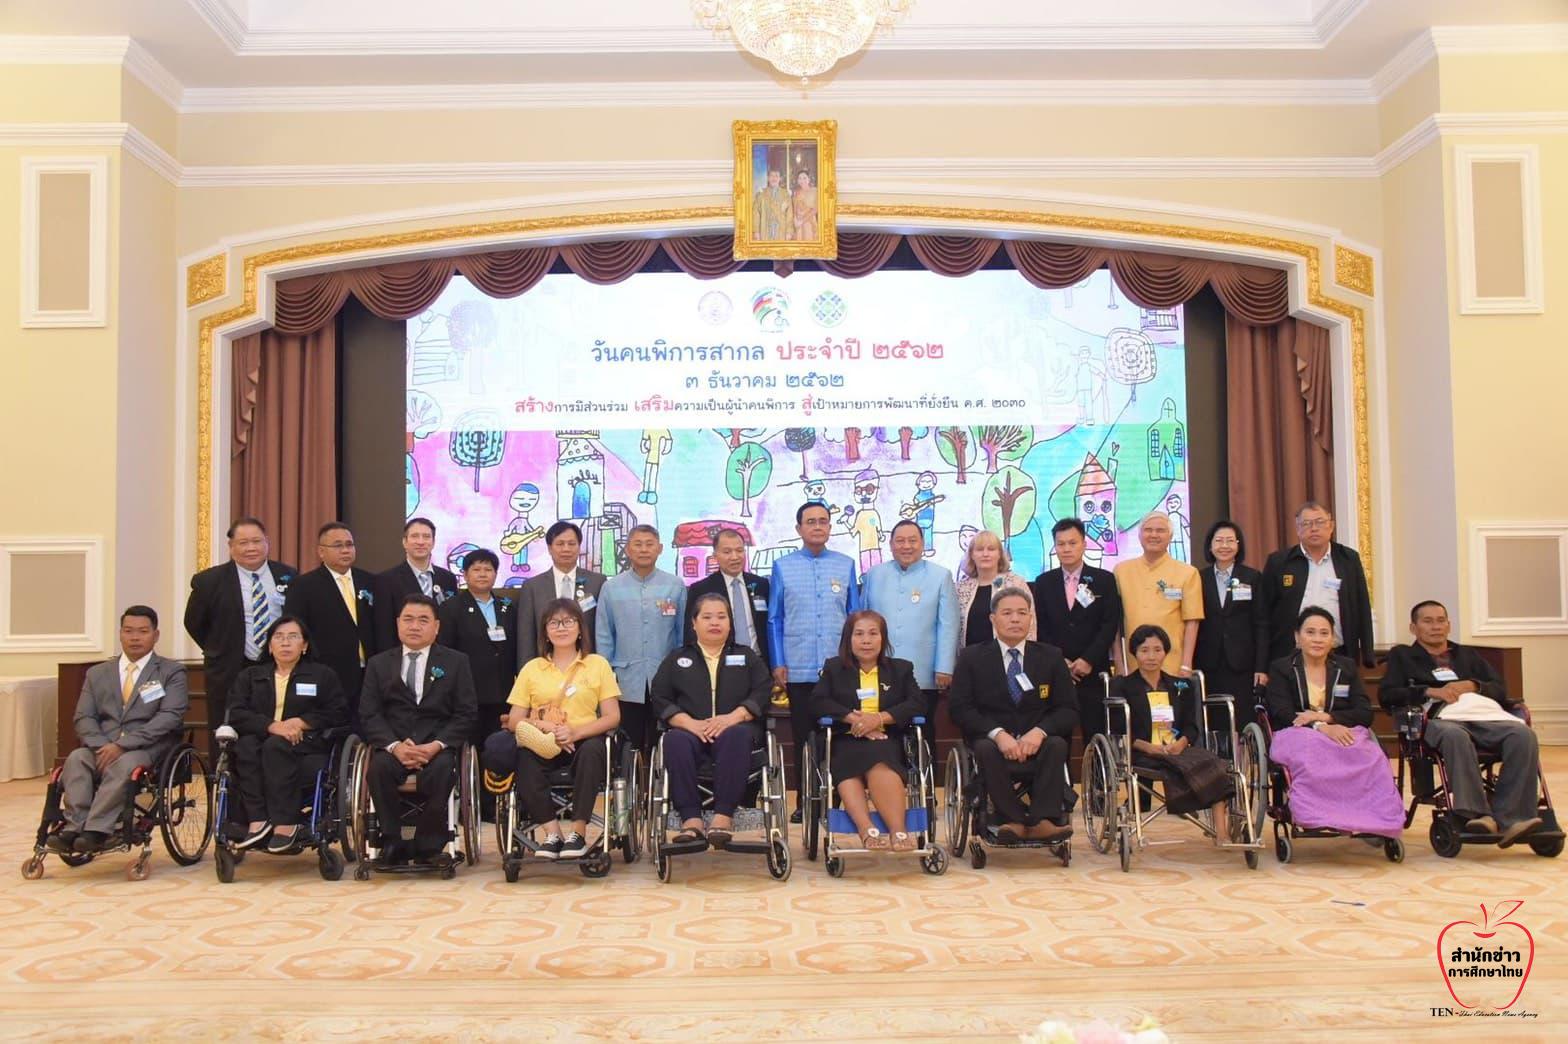 นายกรัฐมนตรี เปิดงานวันคนพิการสากล 2562  พร้อมมอบโล่ประกาศเกียรติคุณแก่บุคคลและองค์กรด้านคนพิการดีเด่น